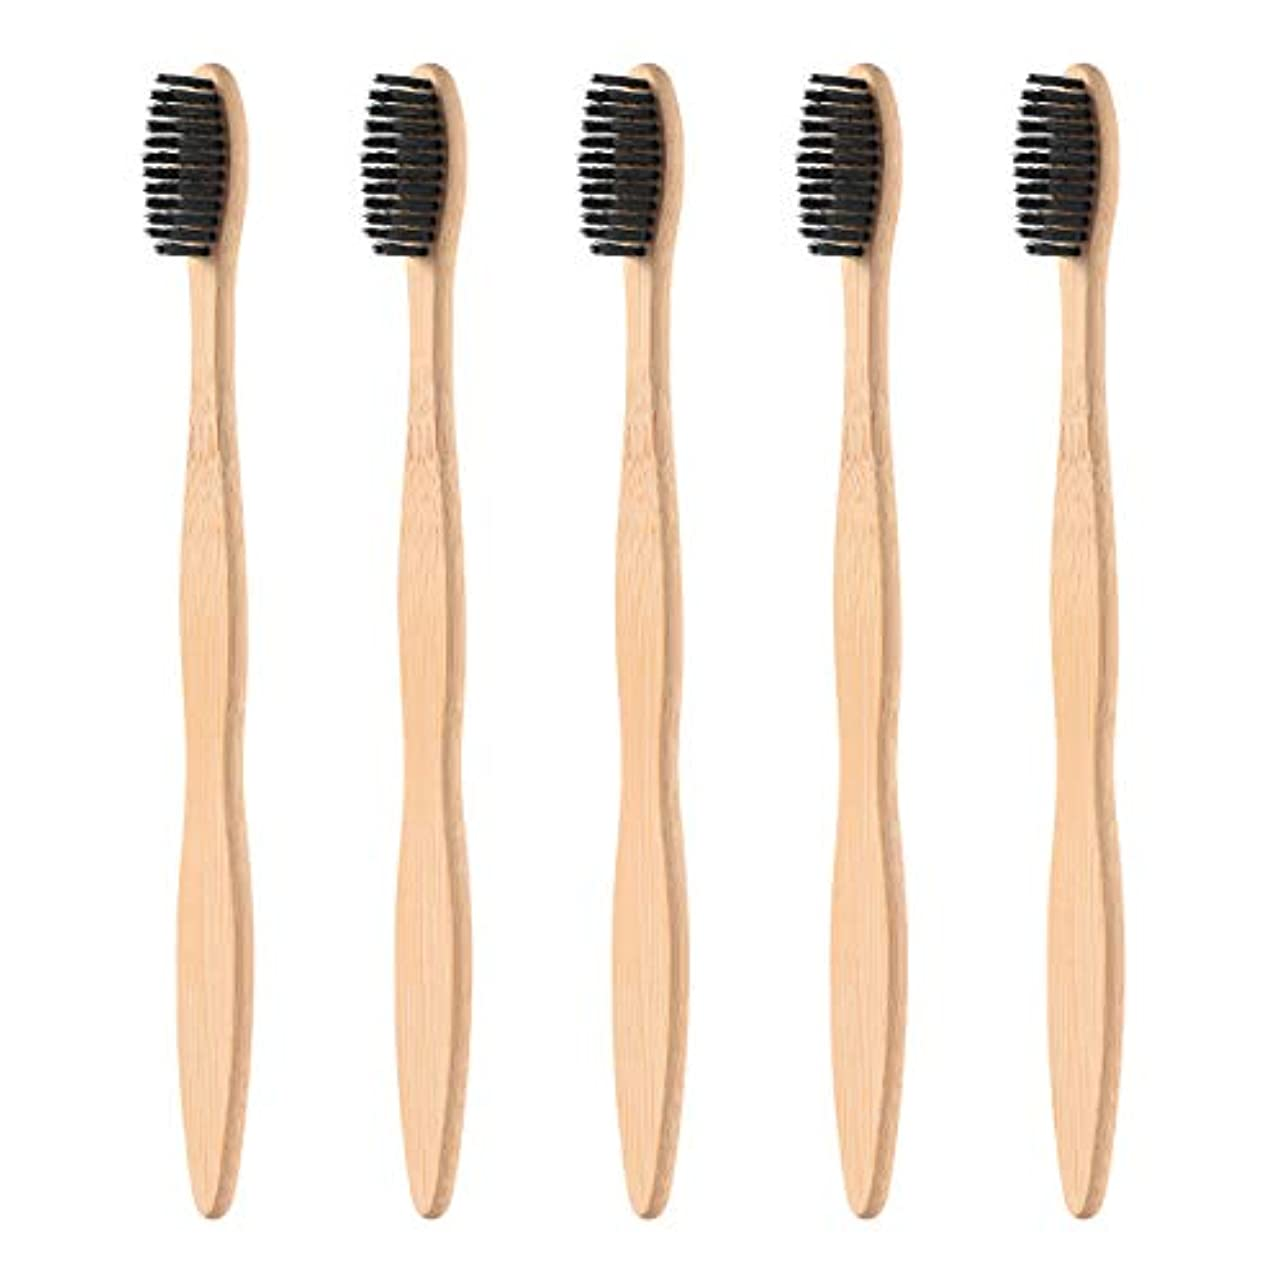 金銭的な結晶ジャンプするSUPVOX 5本の天然竹製の歯ブラシ木製エコフレンドリーな歯ブラシで黒く柔らかい剛毛